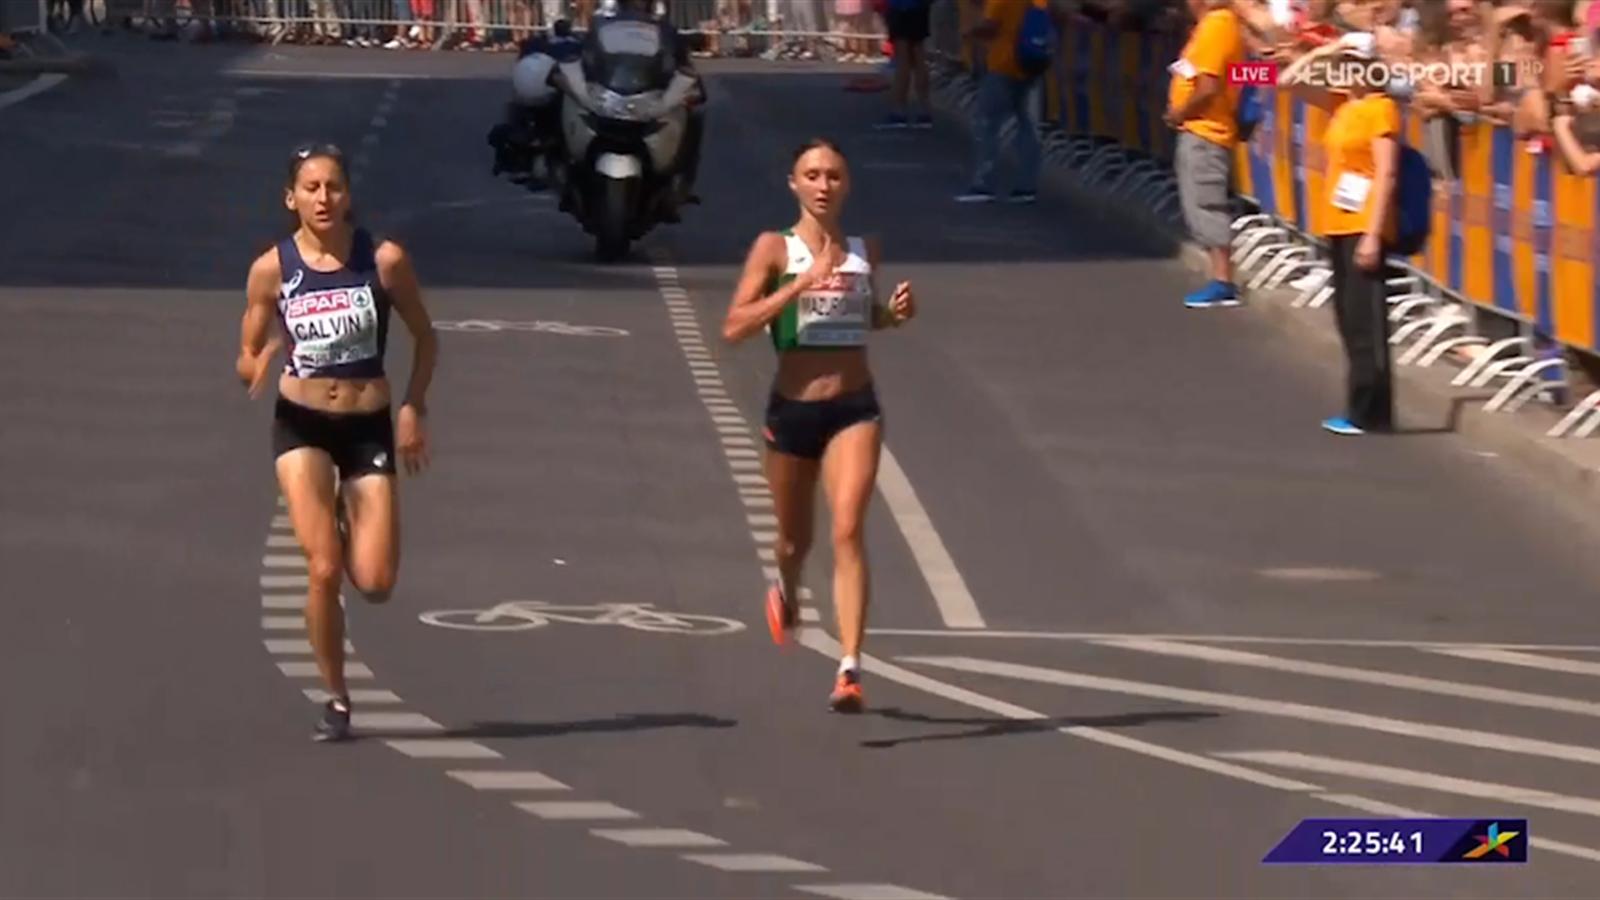 Calendario Maratone Internazionali.Video Sbaglia Strada Ma Poi Recupera E Vince La Volata